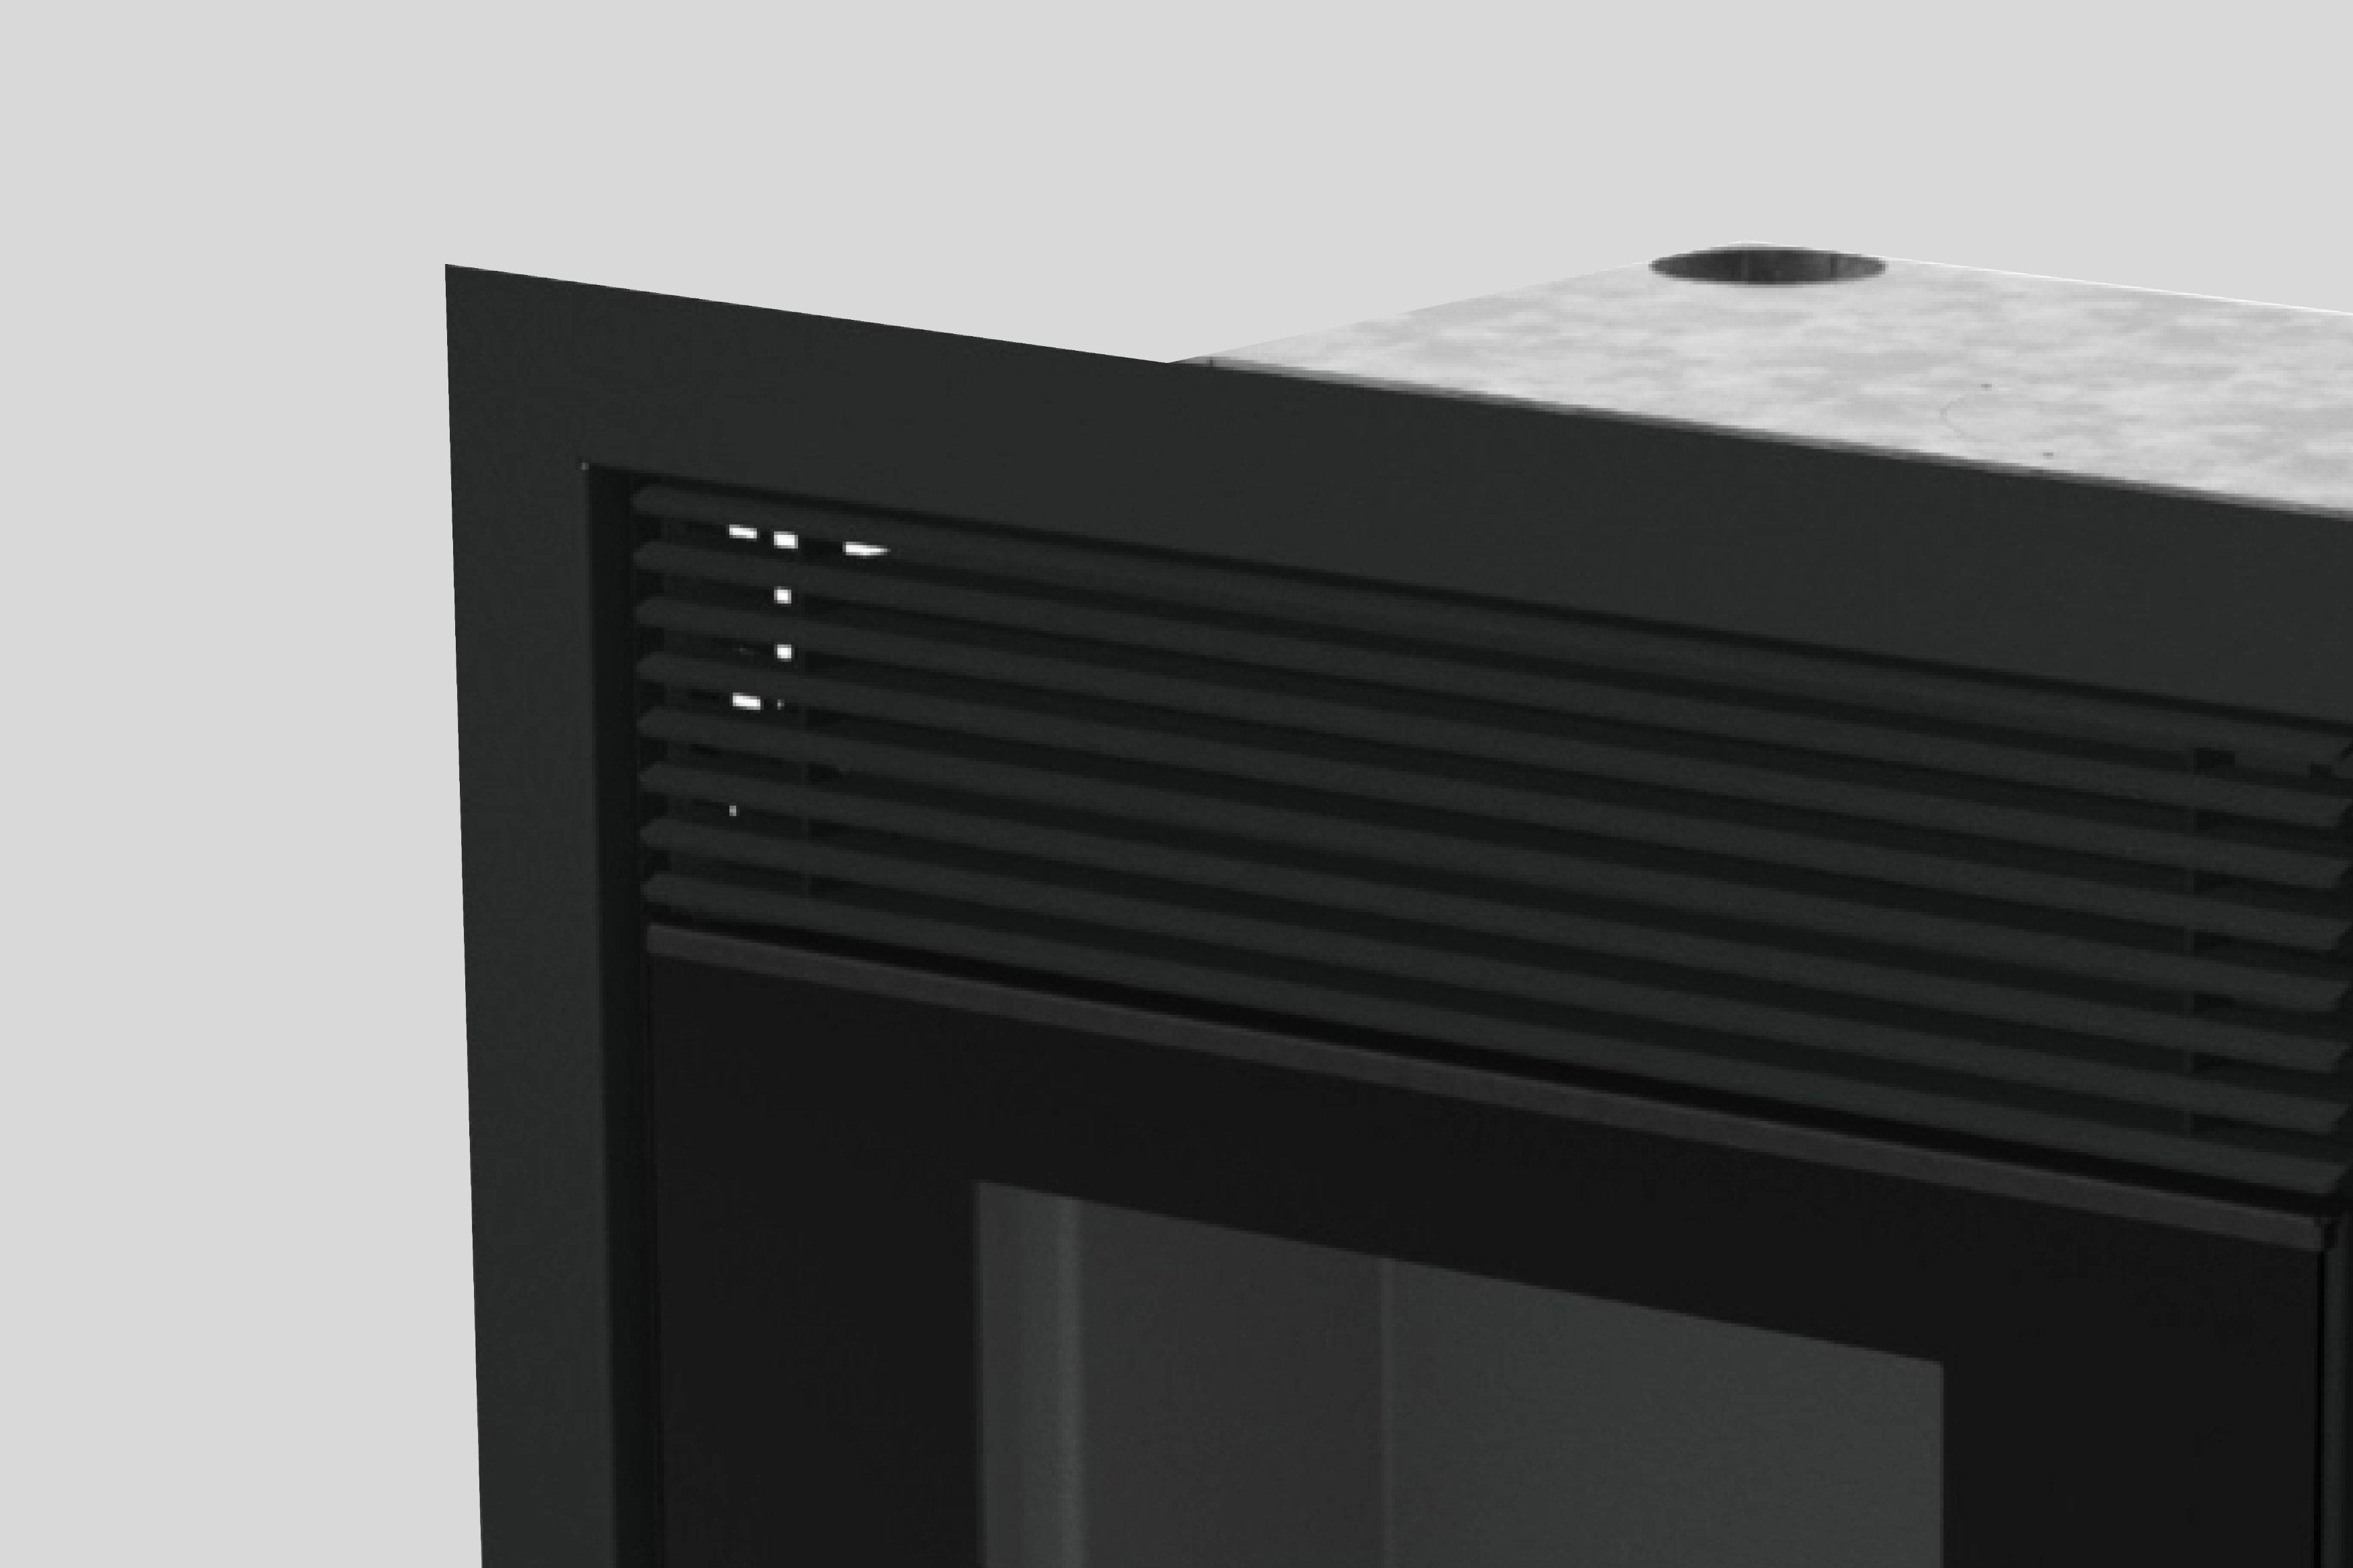 Pormenor da parte superior do recuperador de calor a pellets, Aquatek P Vision.